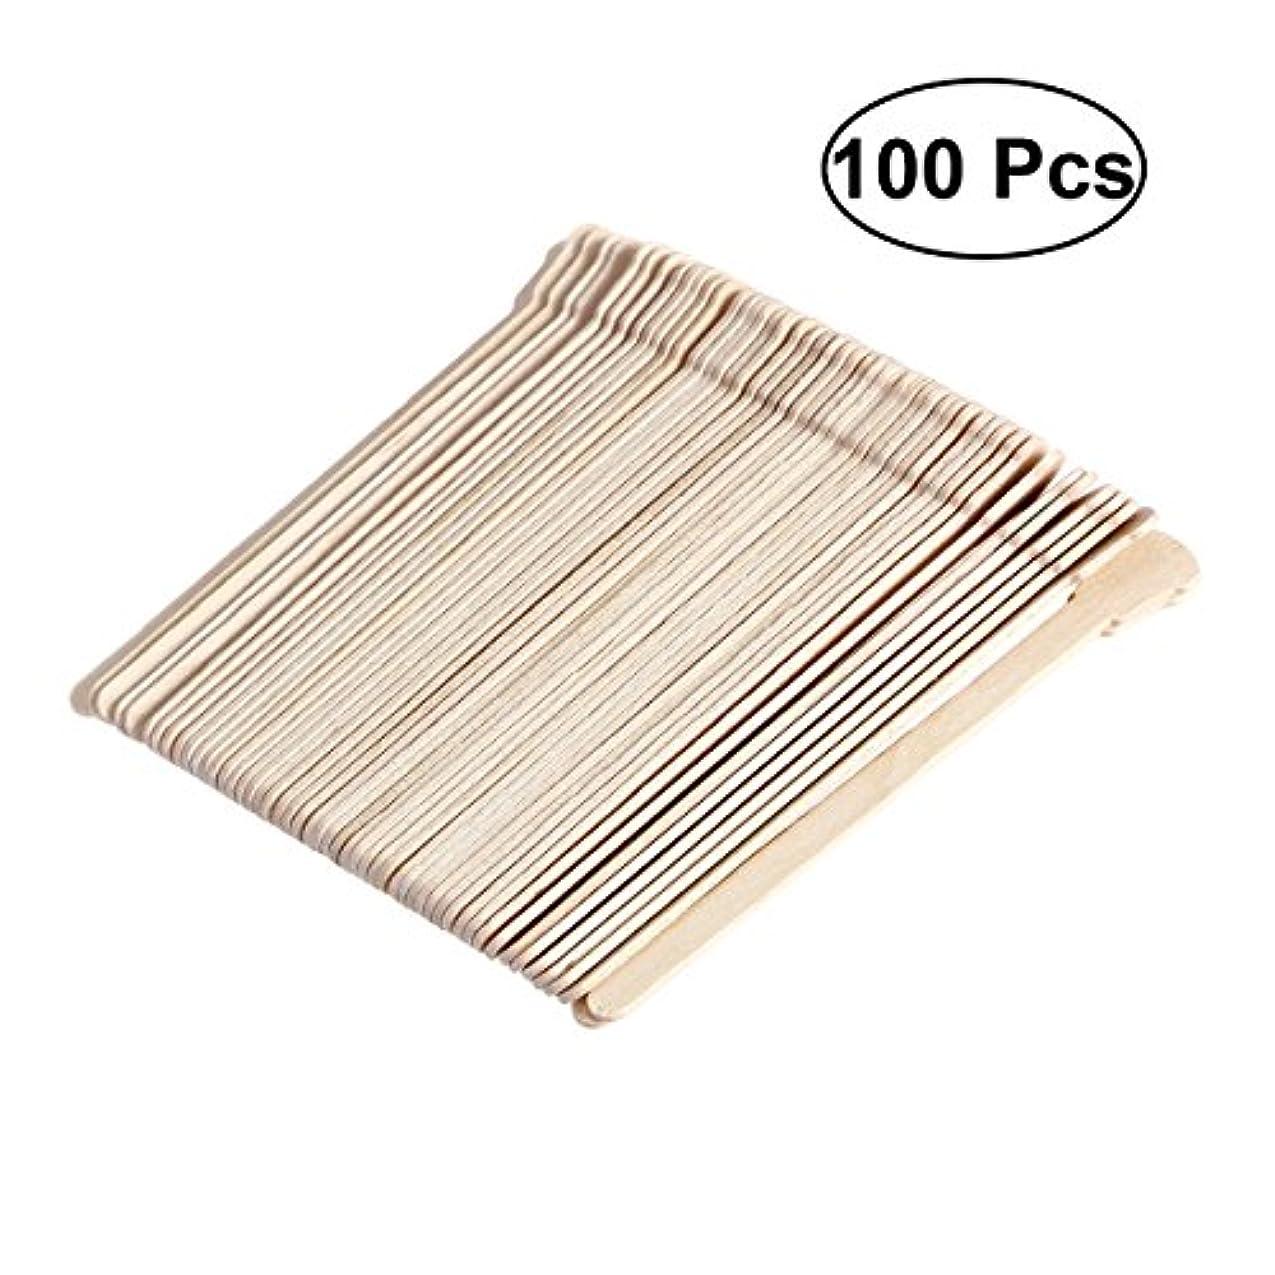 ワーディアンケース放出に応じてSUPVOX 100ピース木製ワックススティックフェイス眉毛ワックスへら脱毛(オリジナル木製色)